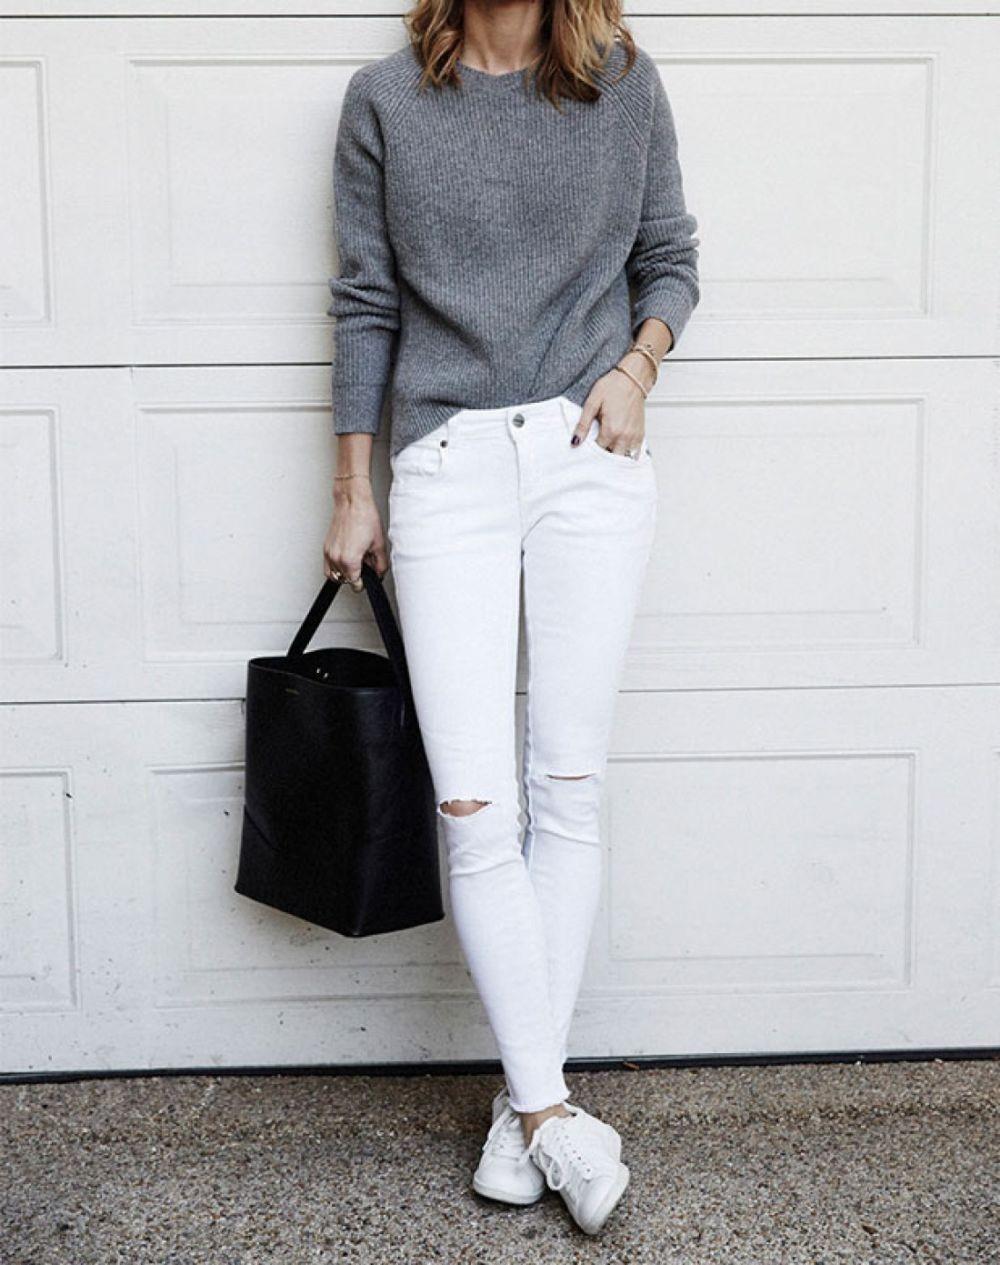 Белые брюки женские: джинсы под кофту серую оверсайз